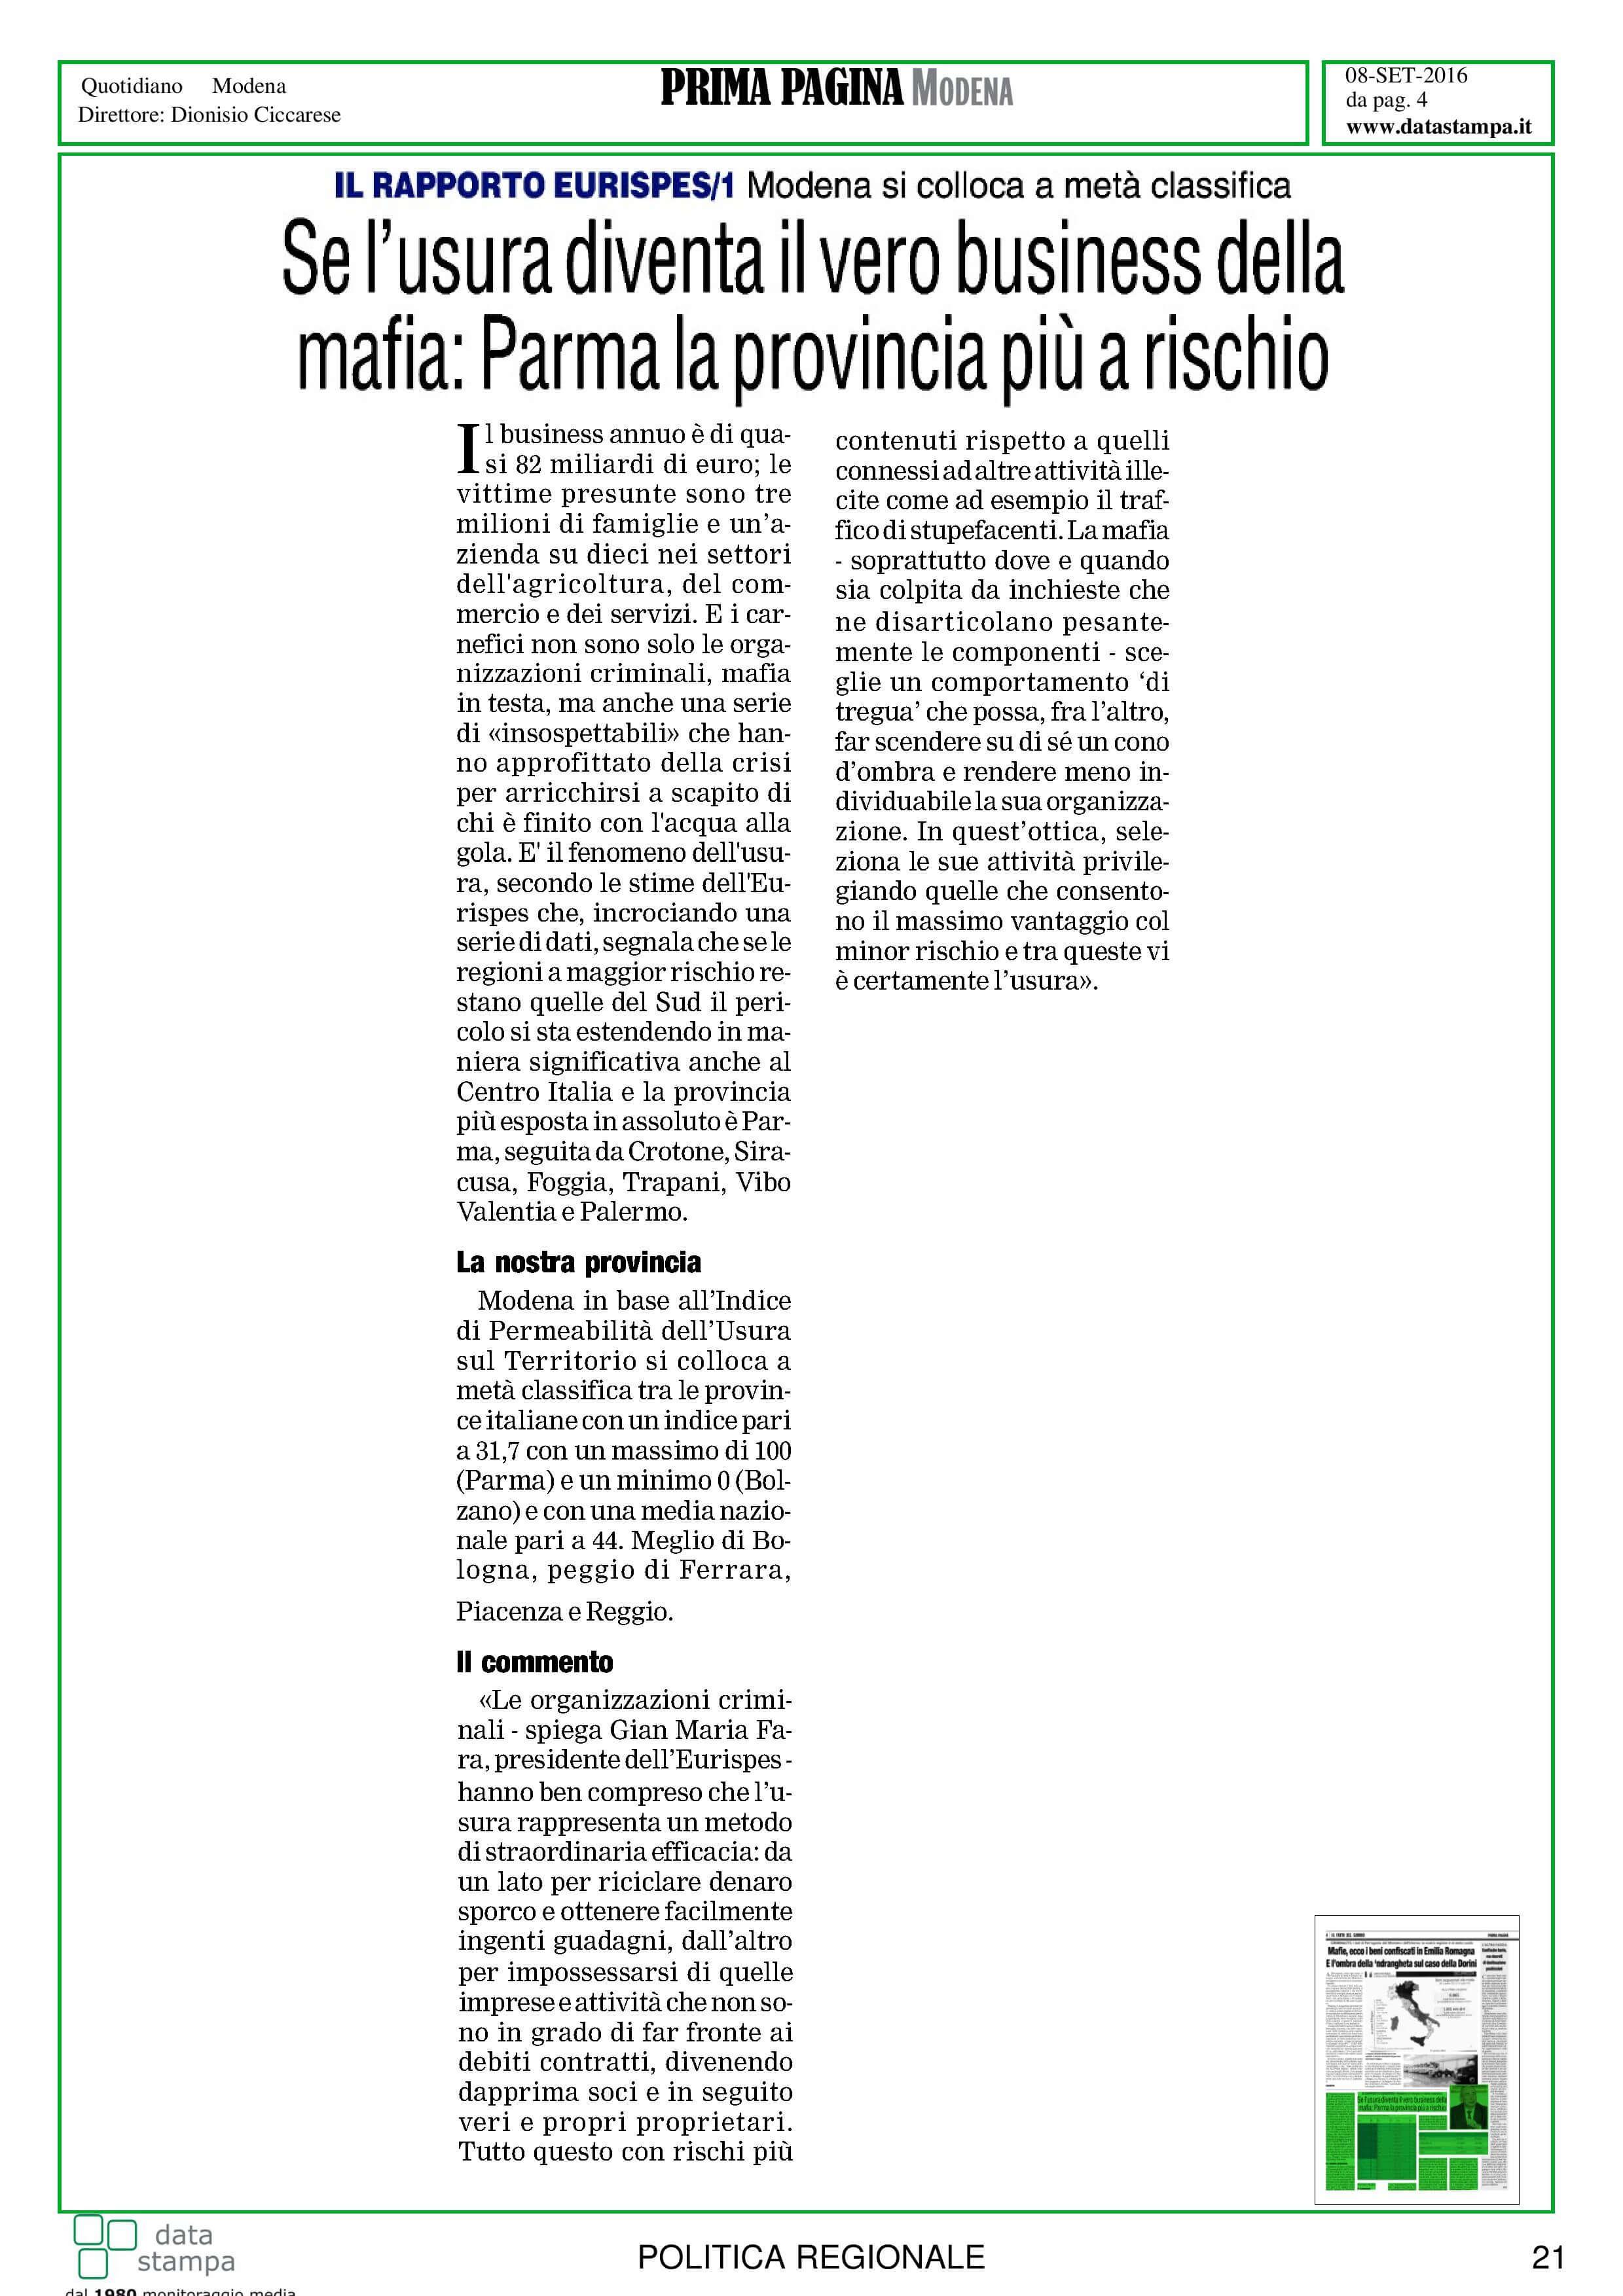 8-15-sett-monitor-mafie-page-022